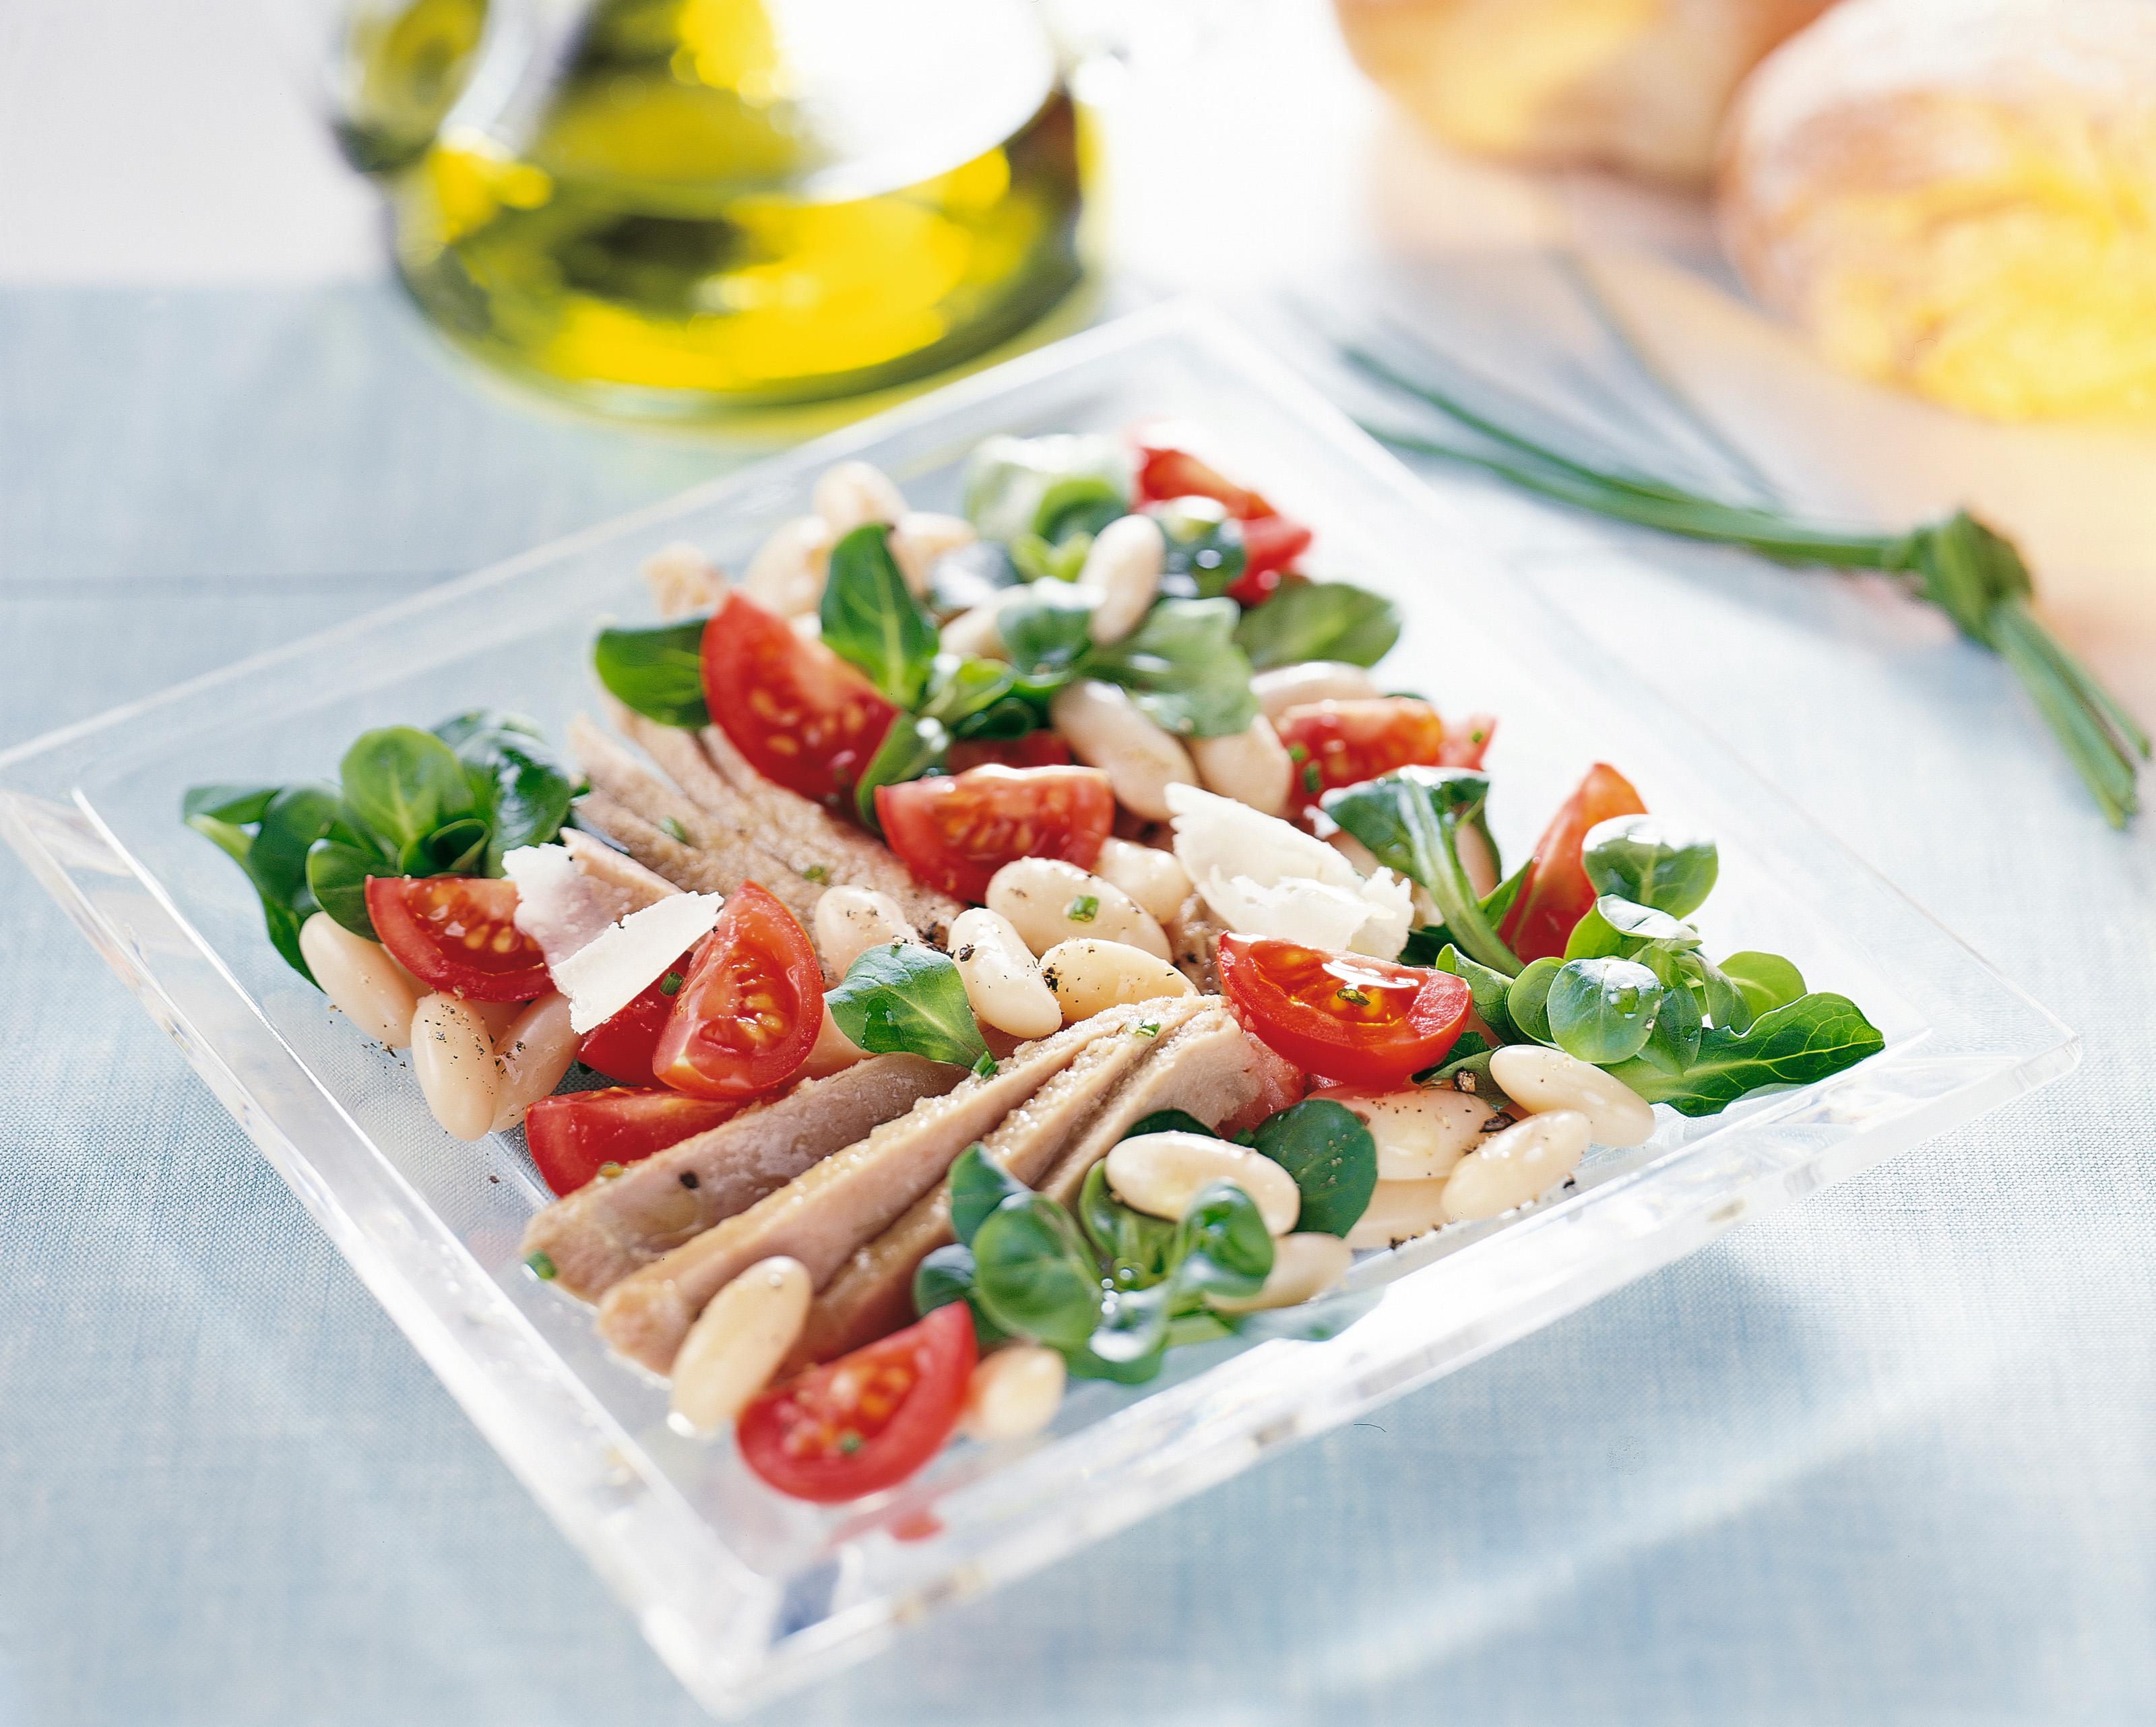 Tonijnsalade met witte bonen en Parmezaanse kaas